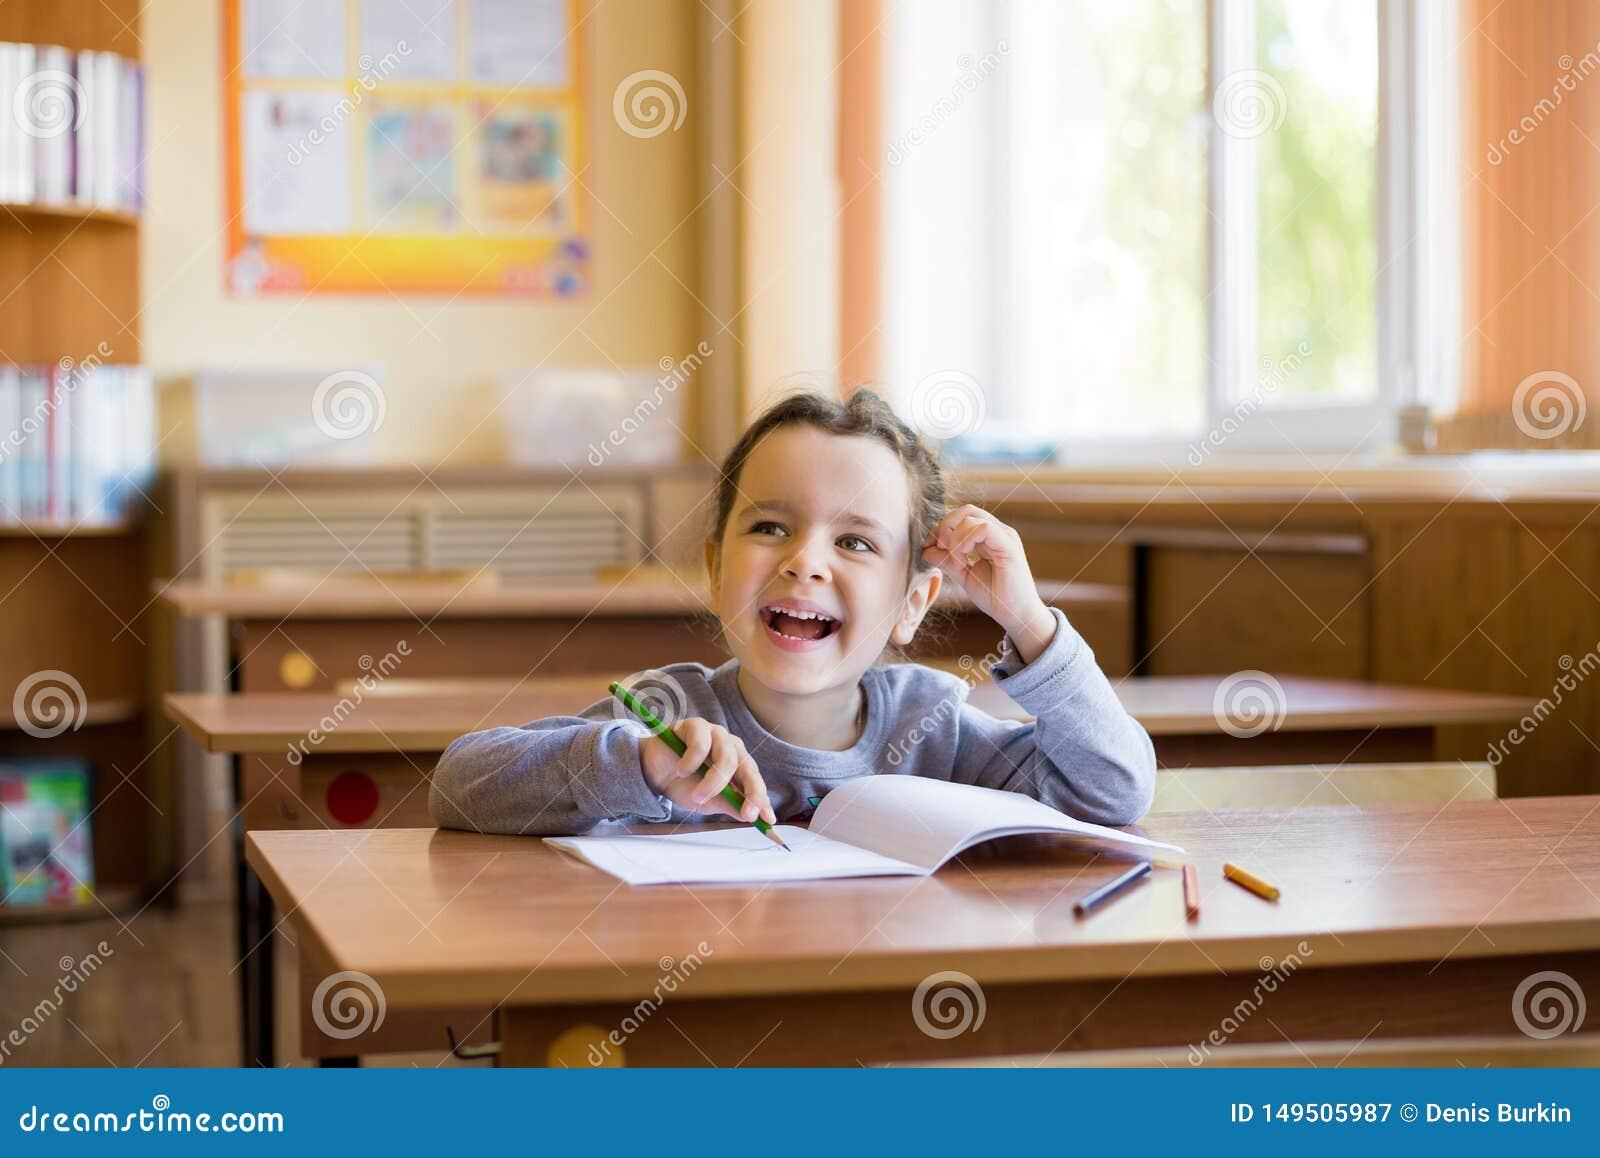 Καυκάσια λίγη συνεδρίαση κοριτσιών χαμόγελου στο γραφείο στο δωμάτιο κατηγορίας και αρχίζει να σύρει προσεκτικά σε ένα καθαρό σημ